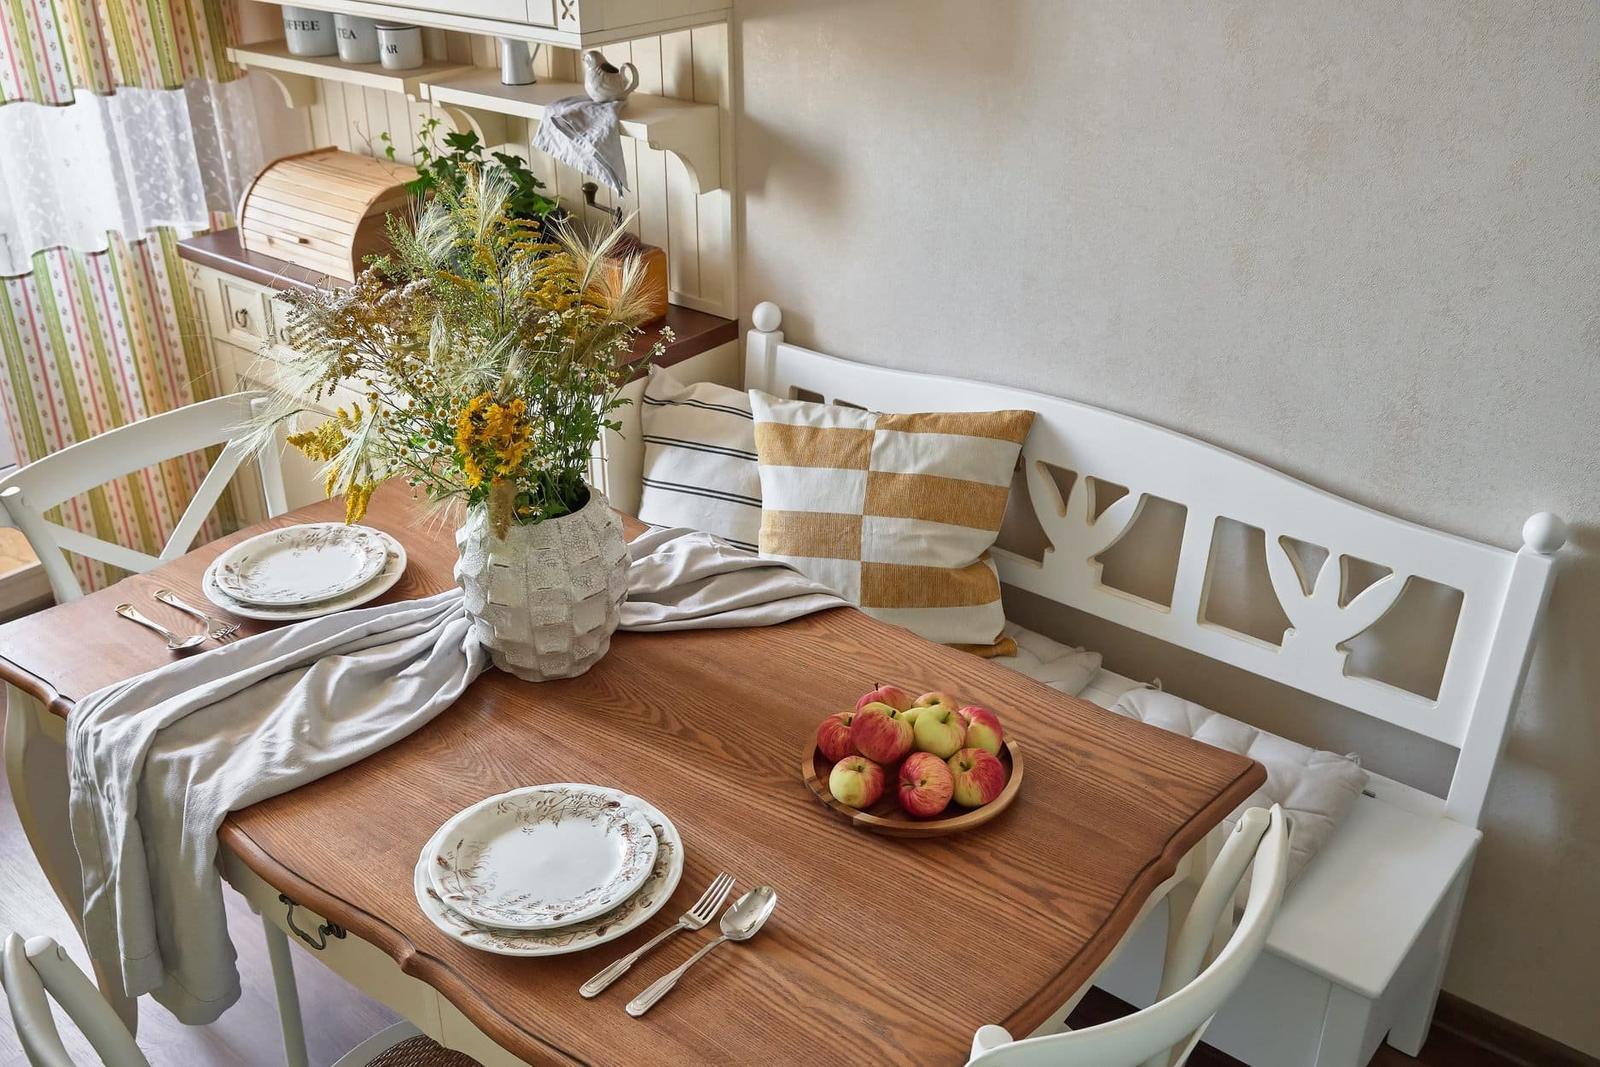 Byt se světle zelenou kuchyní - Bydlo.cz - inspirace bydlení, interiér, architektura